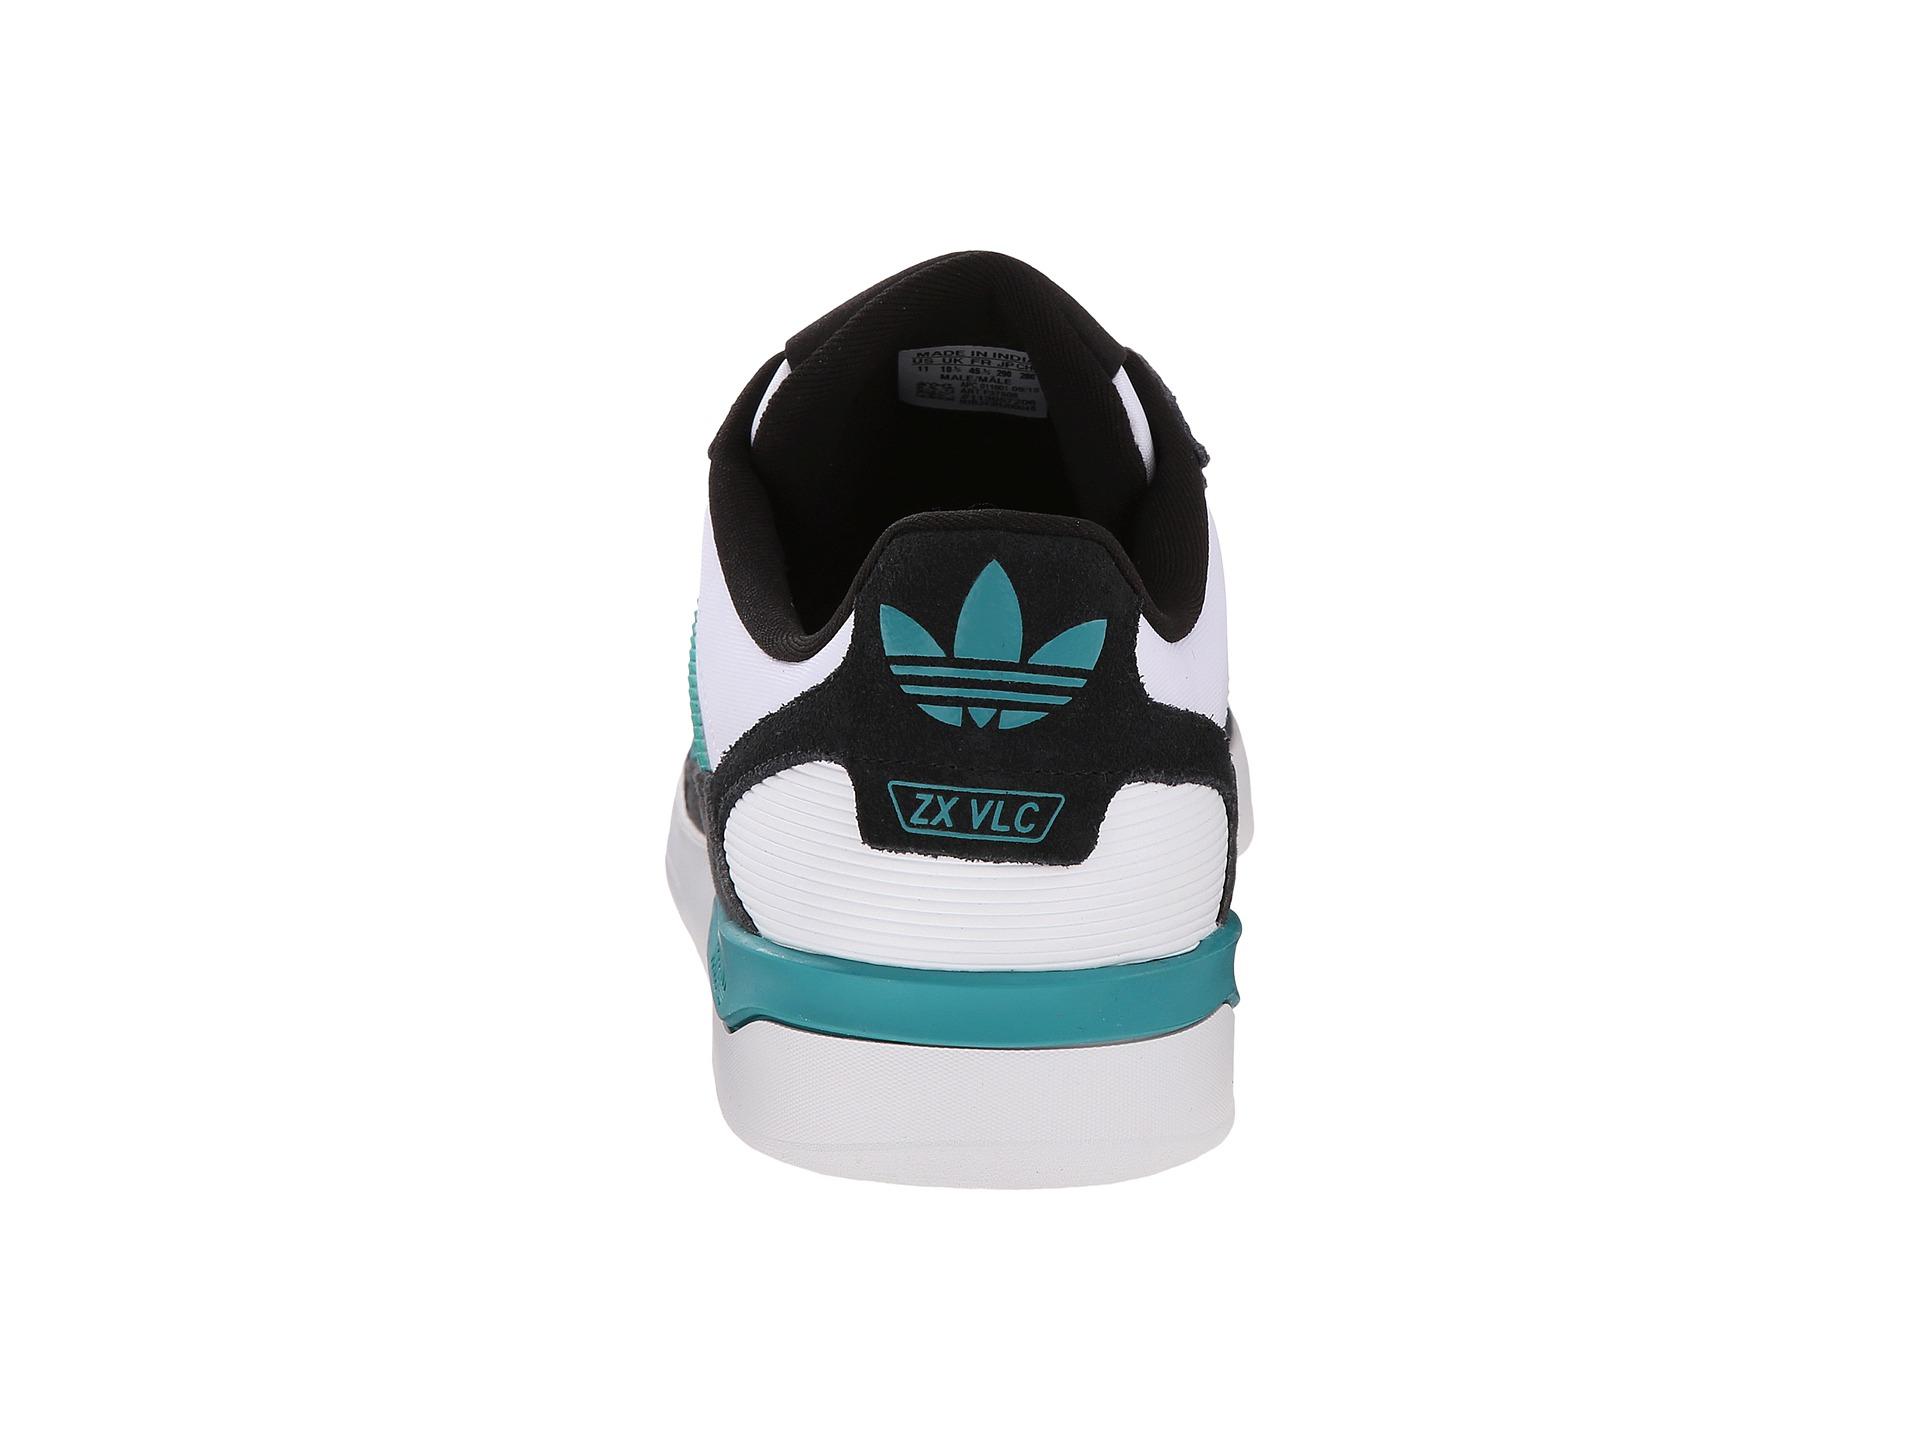 ce3496e8bbeff Lyst - adidas Originals Zx Vulc in Gray for Men